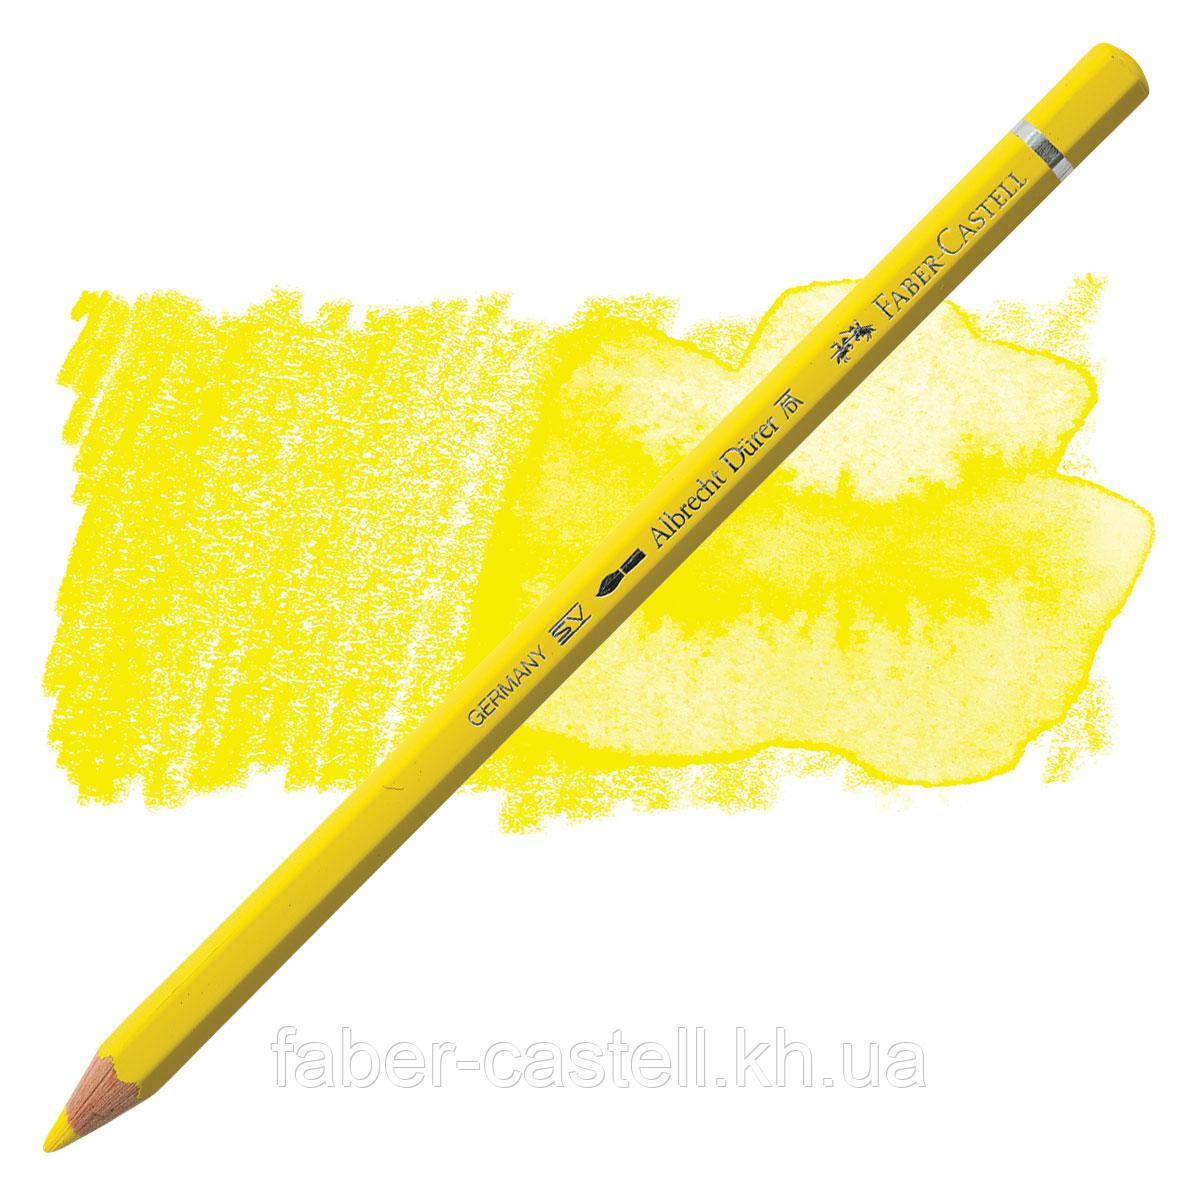 Карандаш акварельный цветной Faber-Castell Albrecht Dürer кадмиевая желтизна  (Cadmium Yellow)  № 107, 117607